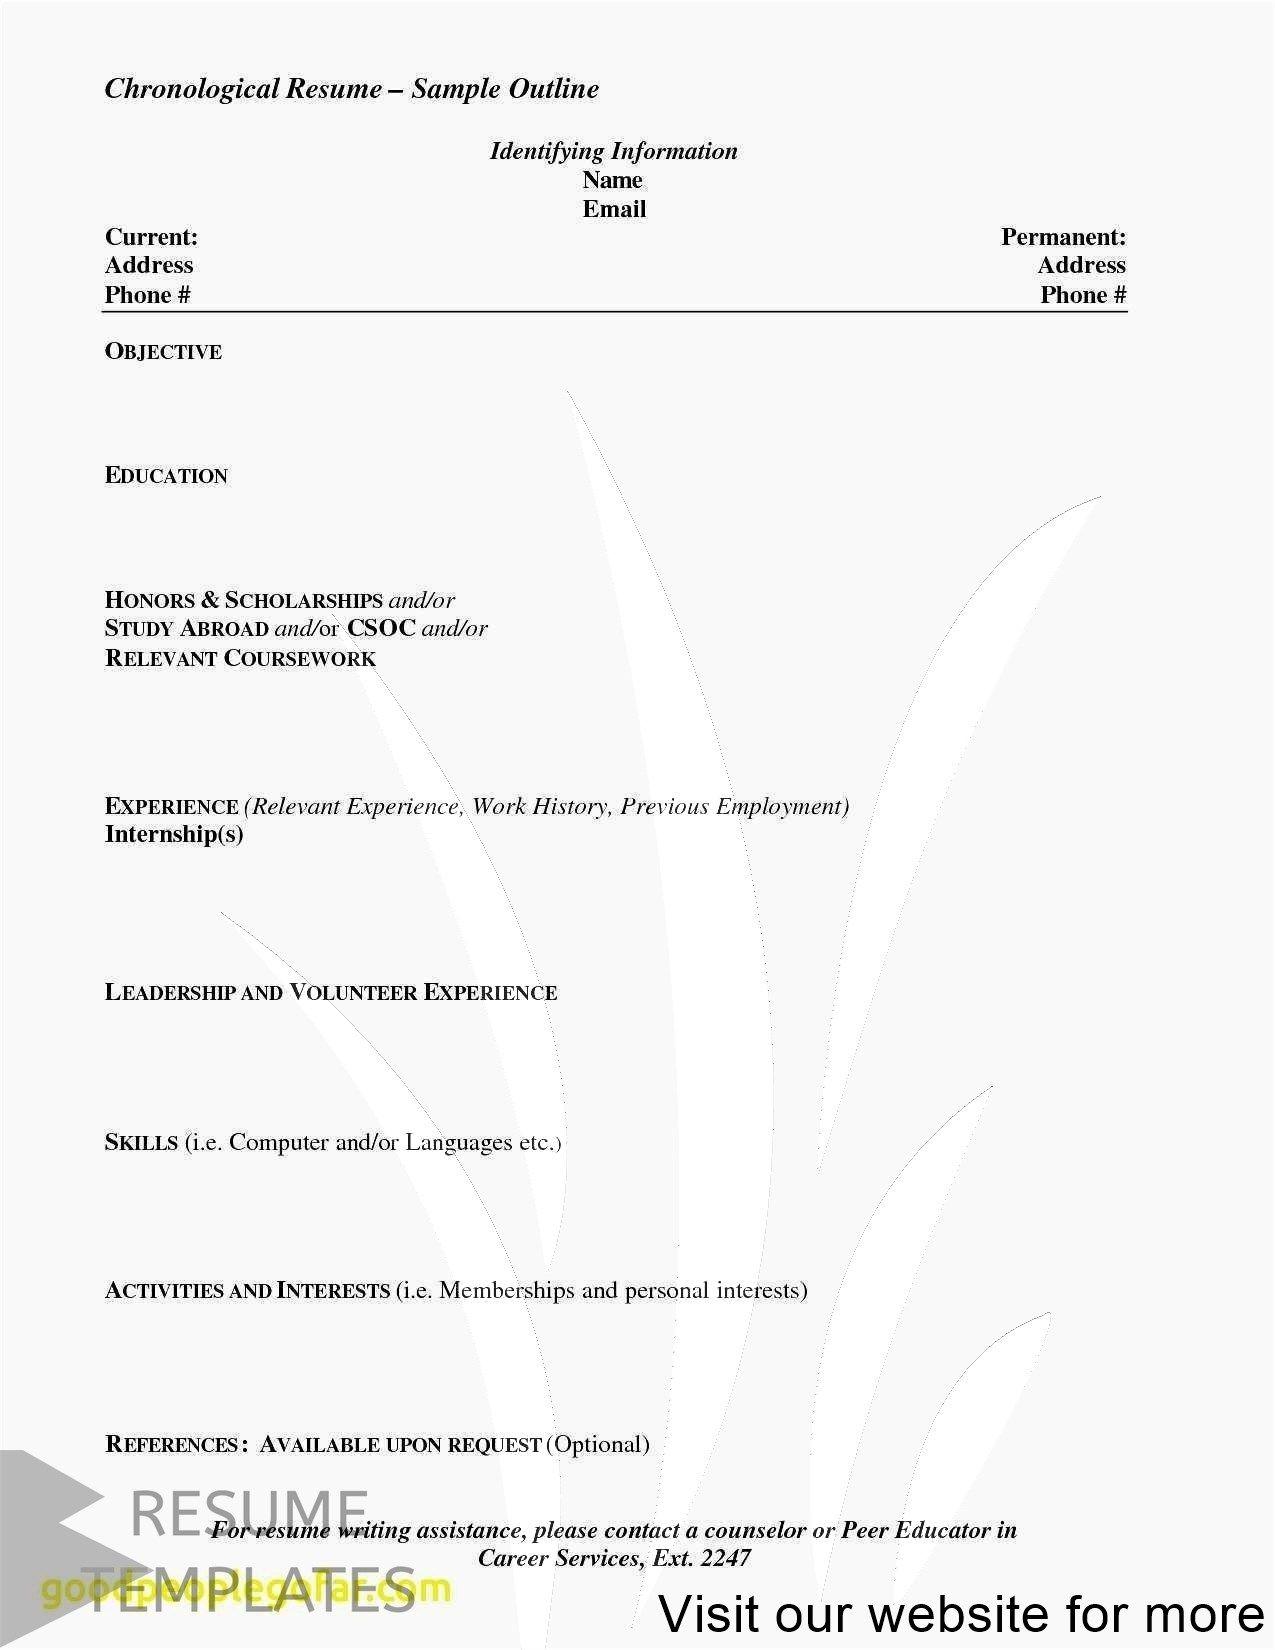 resume format wordpad Free Best in 2020 Job resume